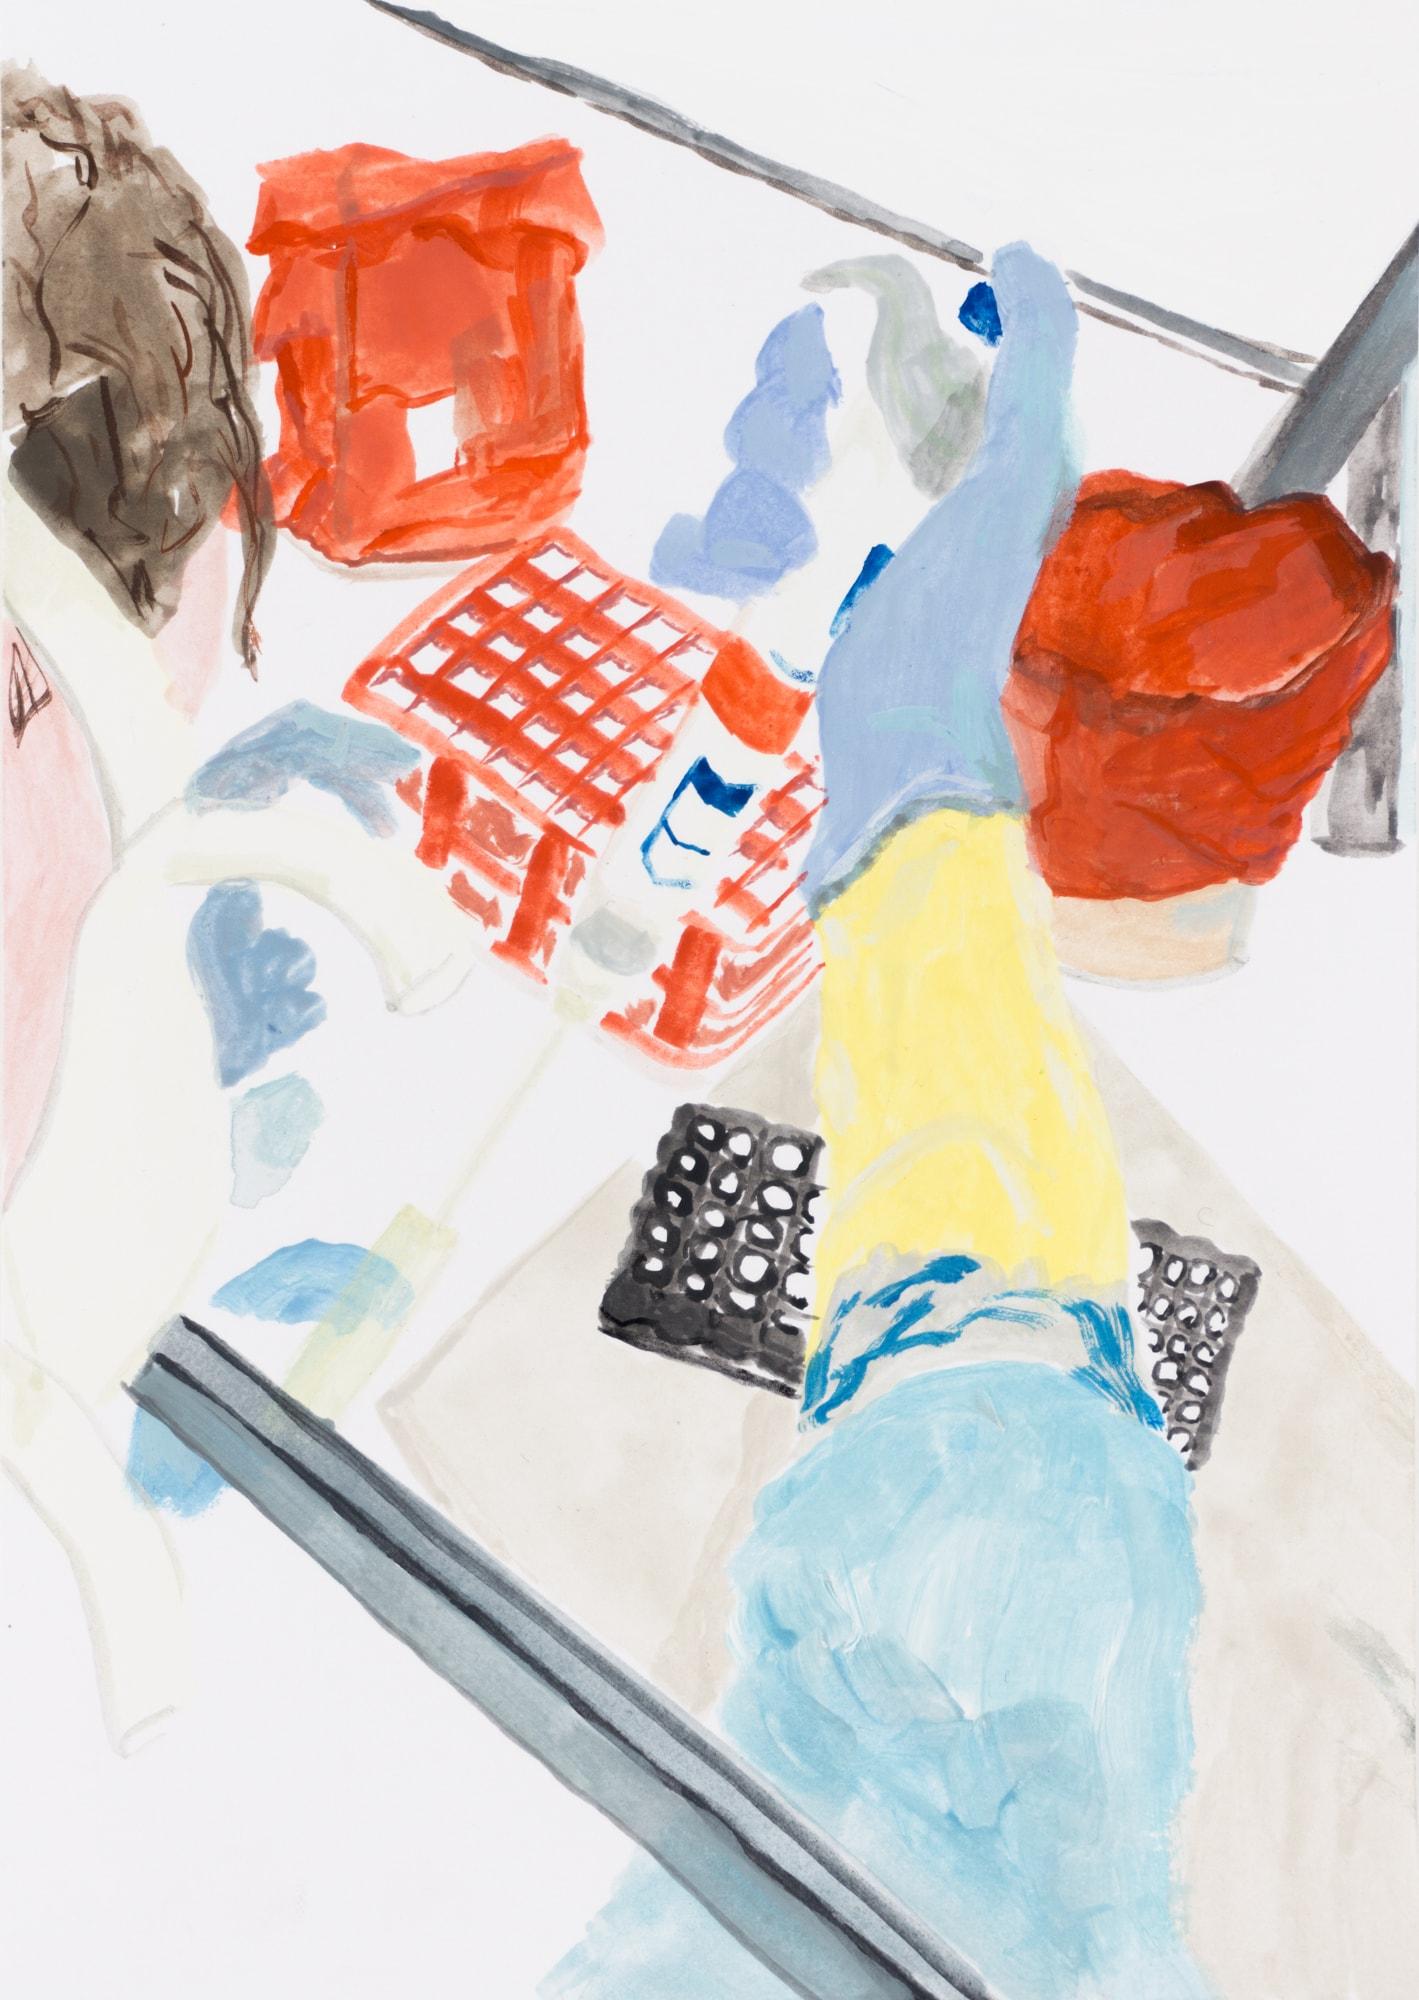 Zeichnung, Gouache auf Papier, 14,7x20,9cm, Medienbild Corona, Künstlerin: Franziska King